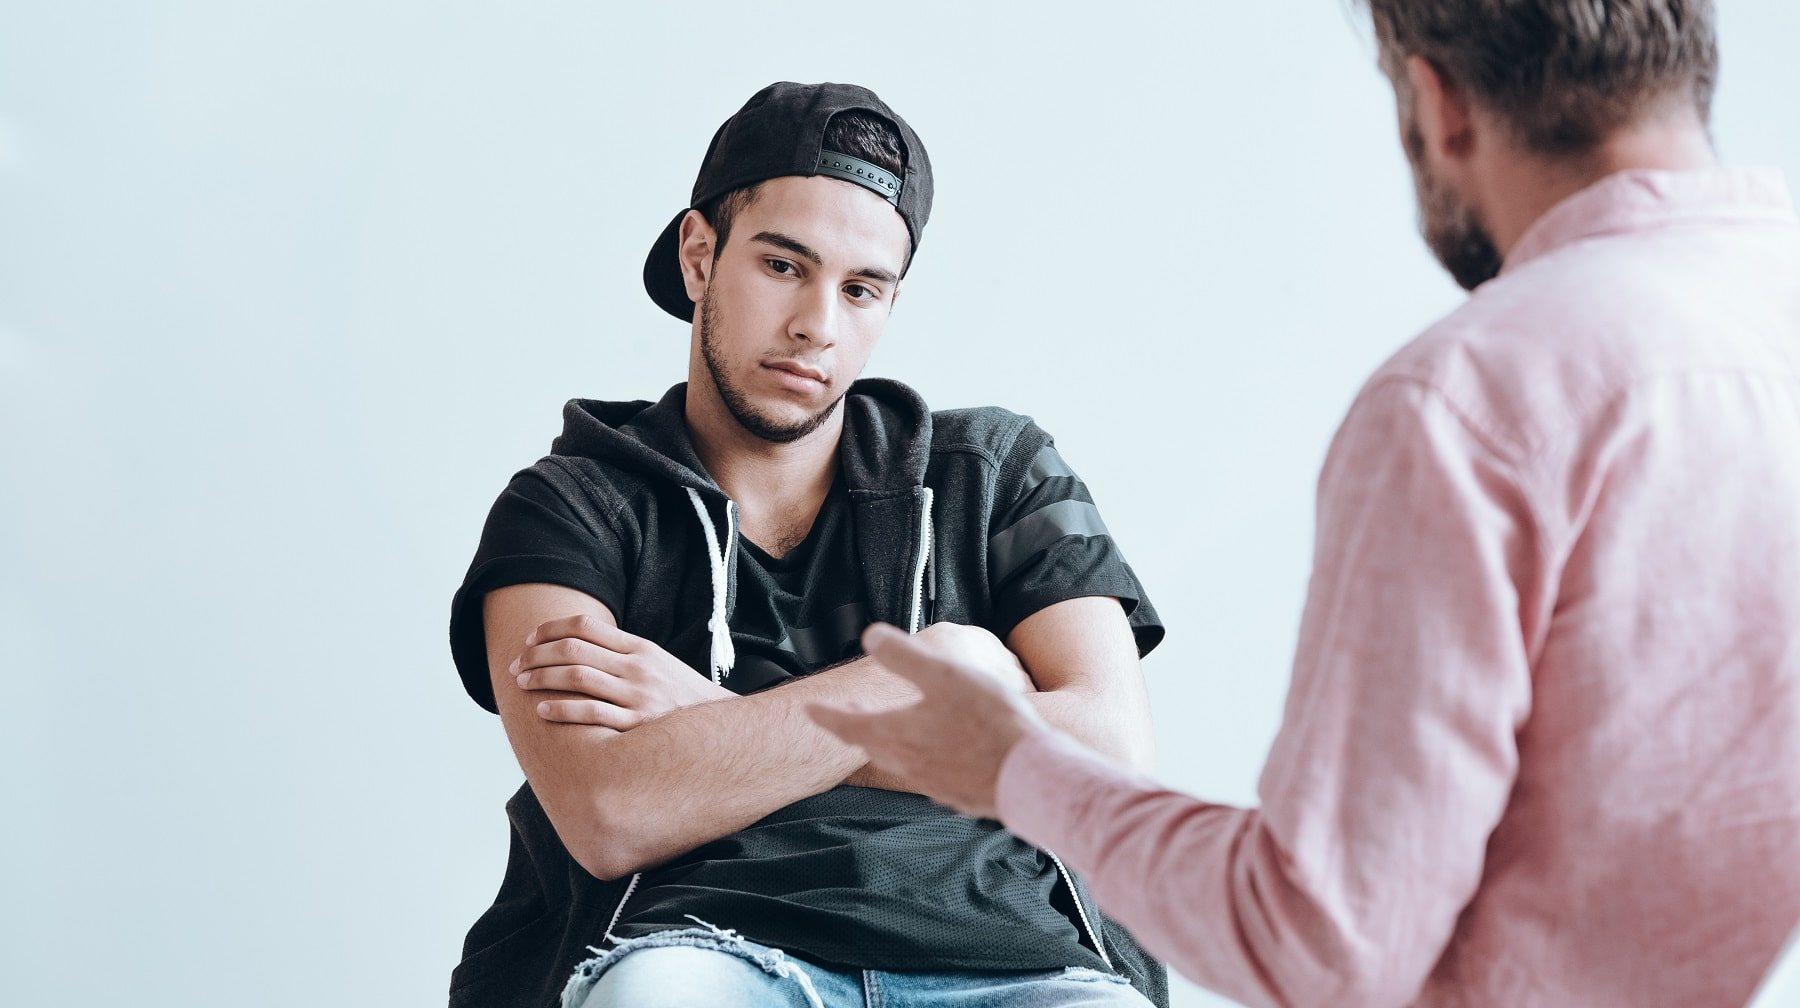 پیشگیری از اعتیاد نوجوانان